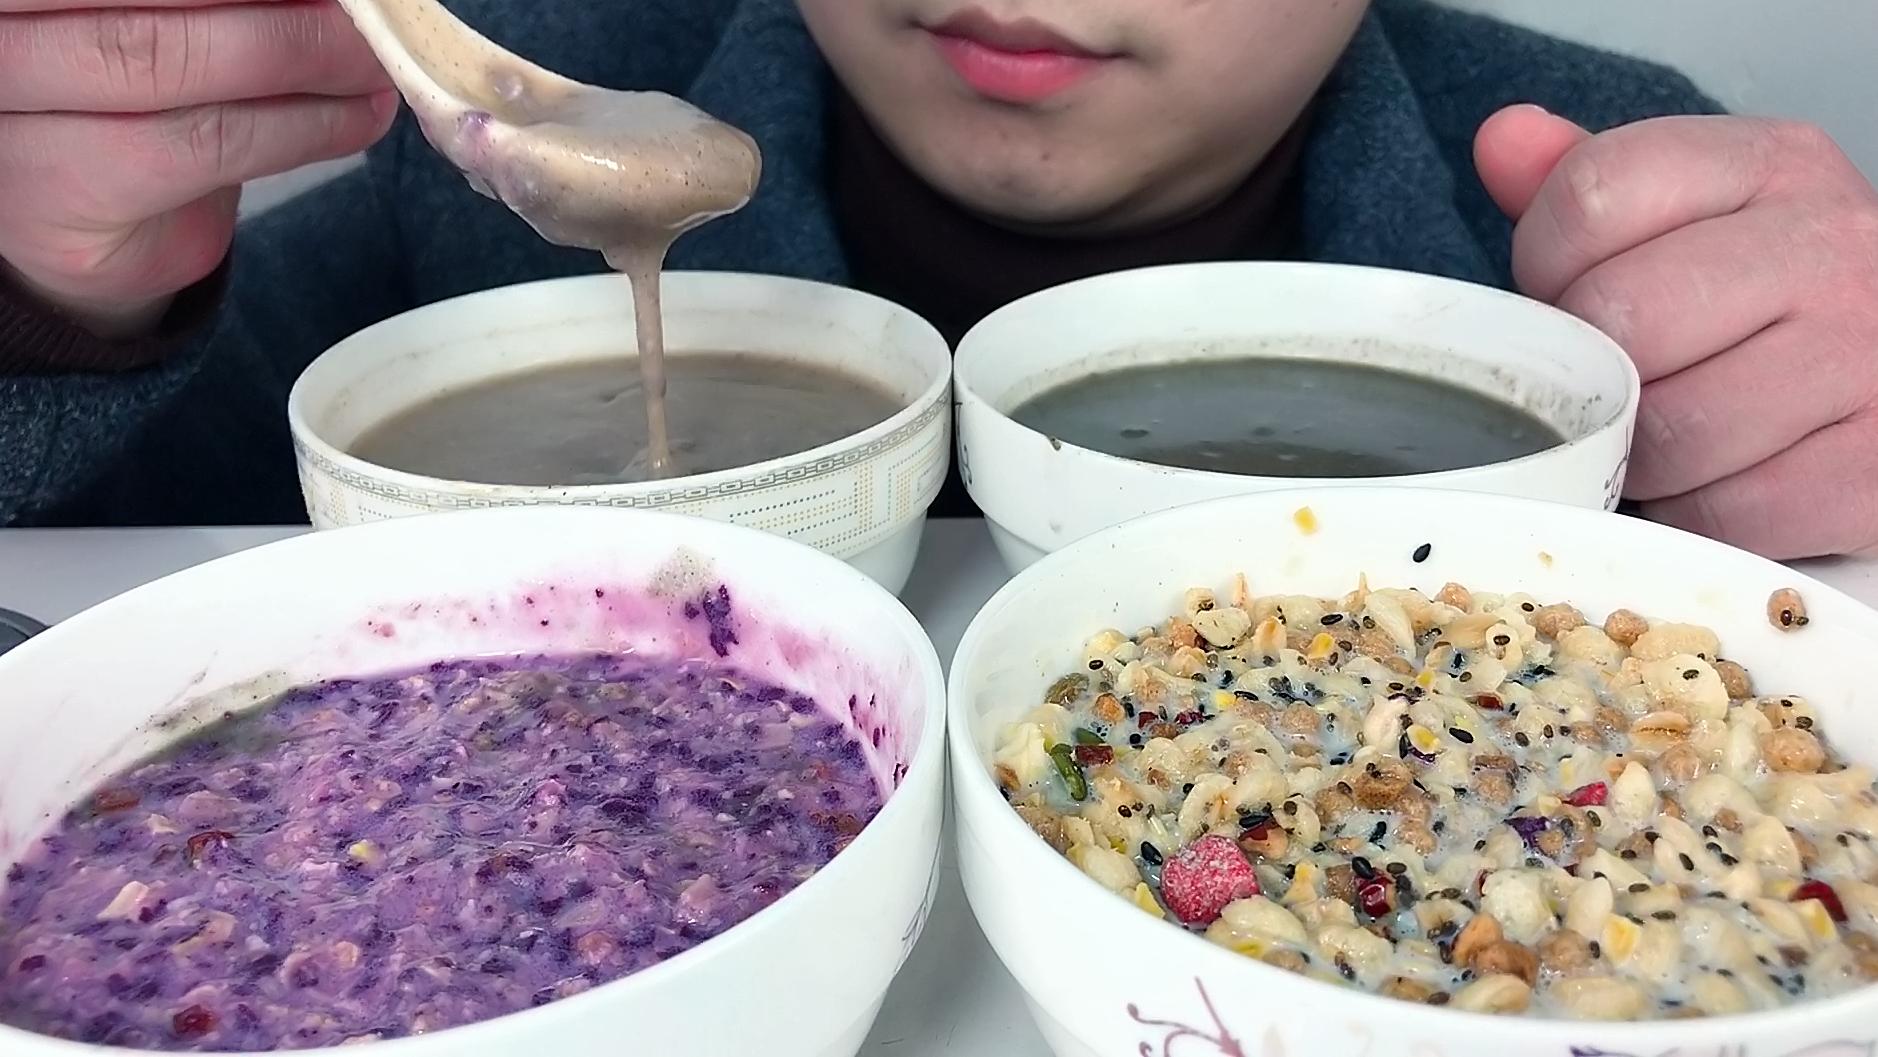 吃谷物水果麦片,紫薯魔芋代餐粥,红豆薏米粉,黑芝麻核桃黑豆粉,听不同咀嚼音!